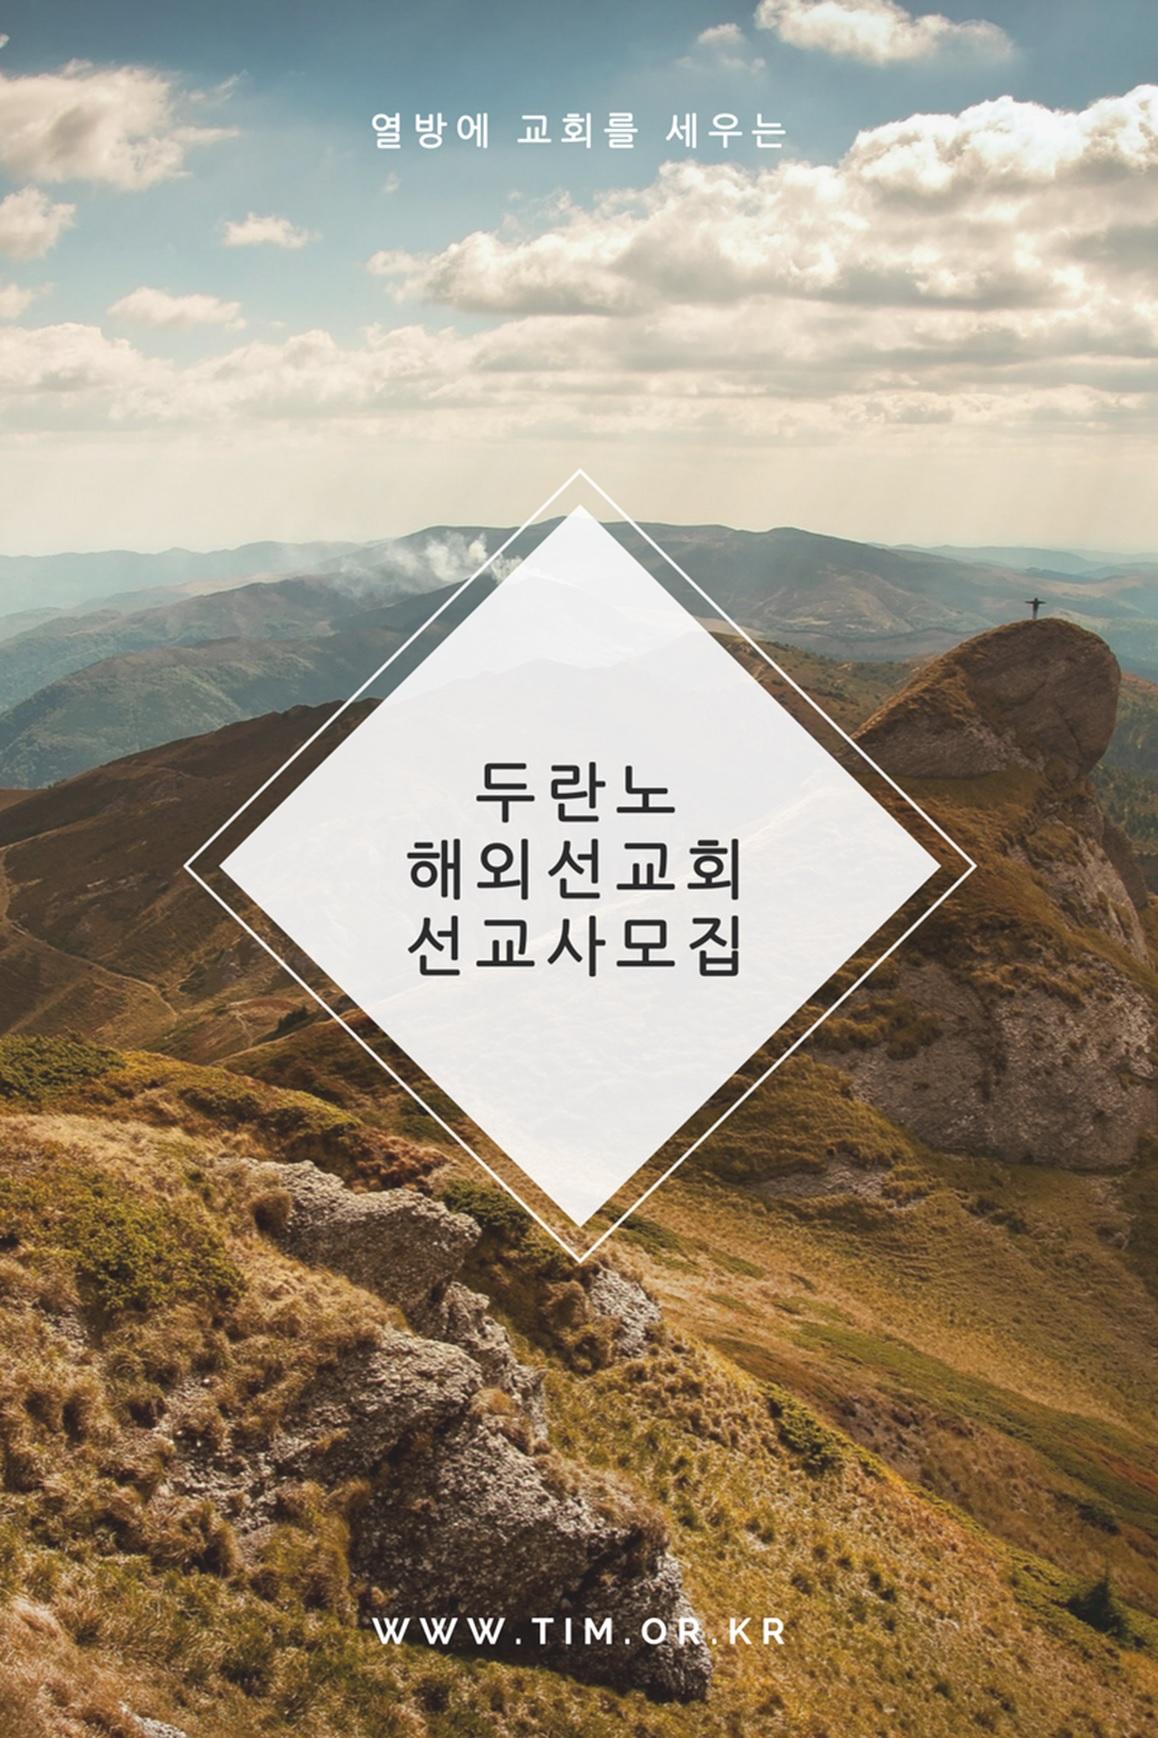 2017년 두란노해외선교회(TIM) 선교사 모집